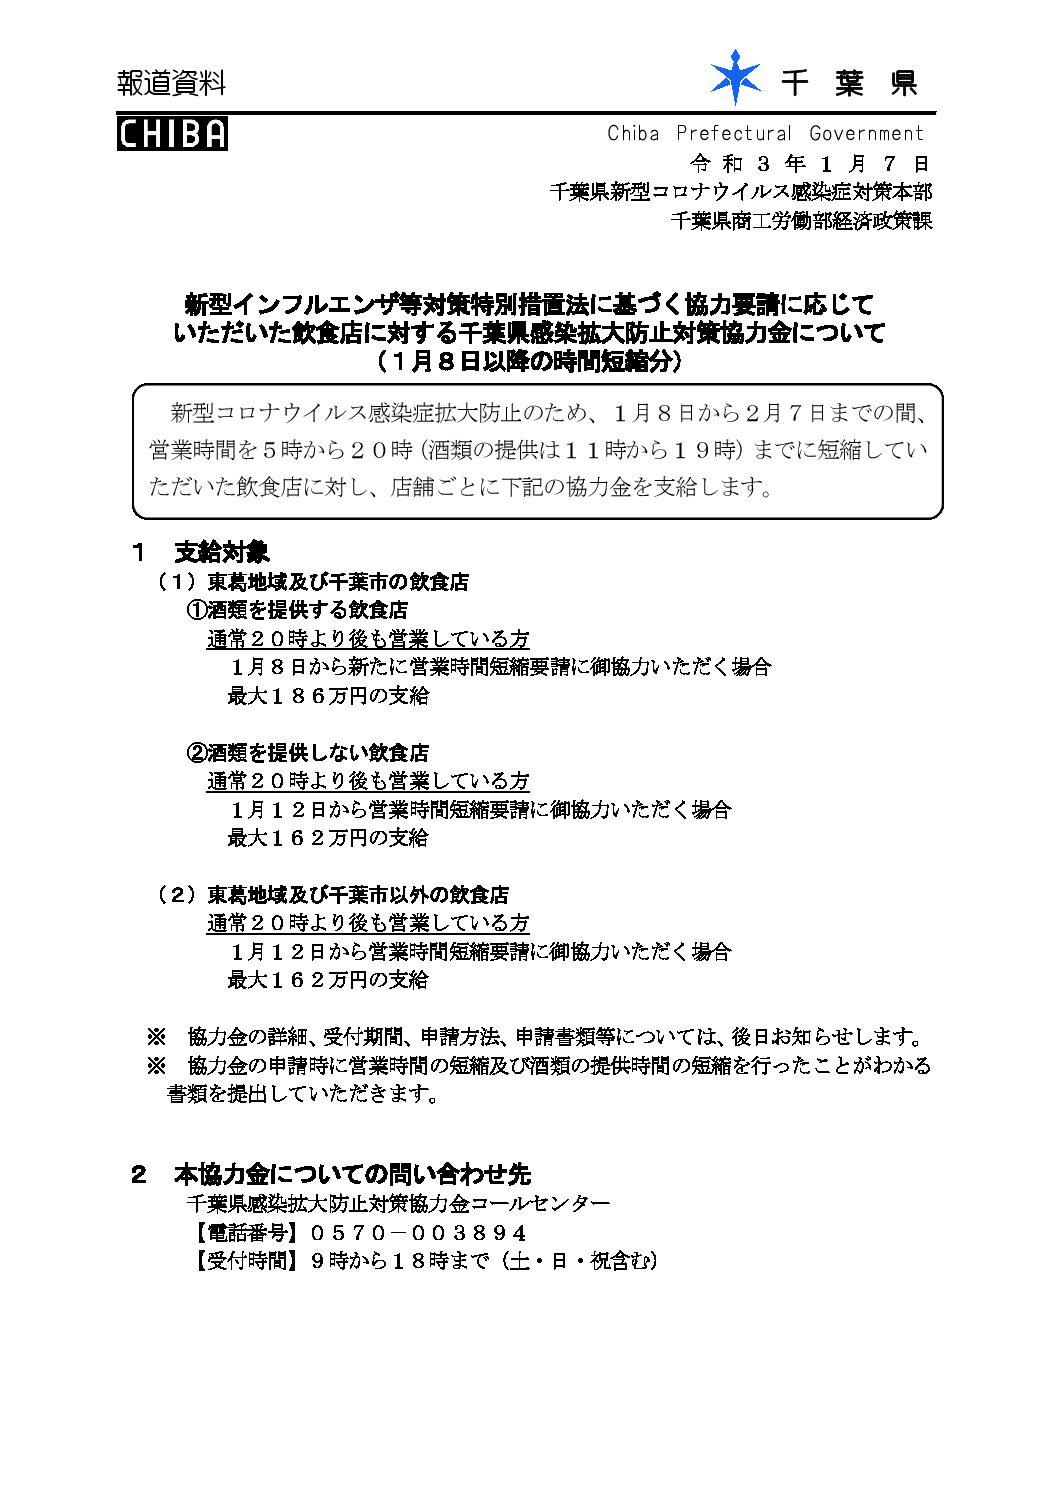 新型インフルエンザ等対策特別措置法に基づく協力要請に応じて いただいた飲食店に対する千葉県感染拡大防止対策協力金について (1月8日以降の時間短縮分)